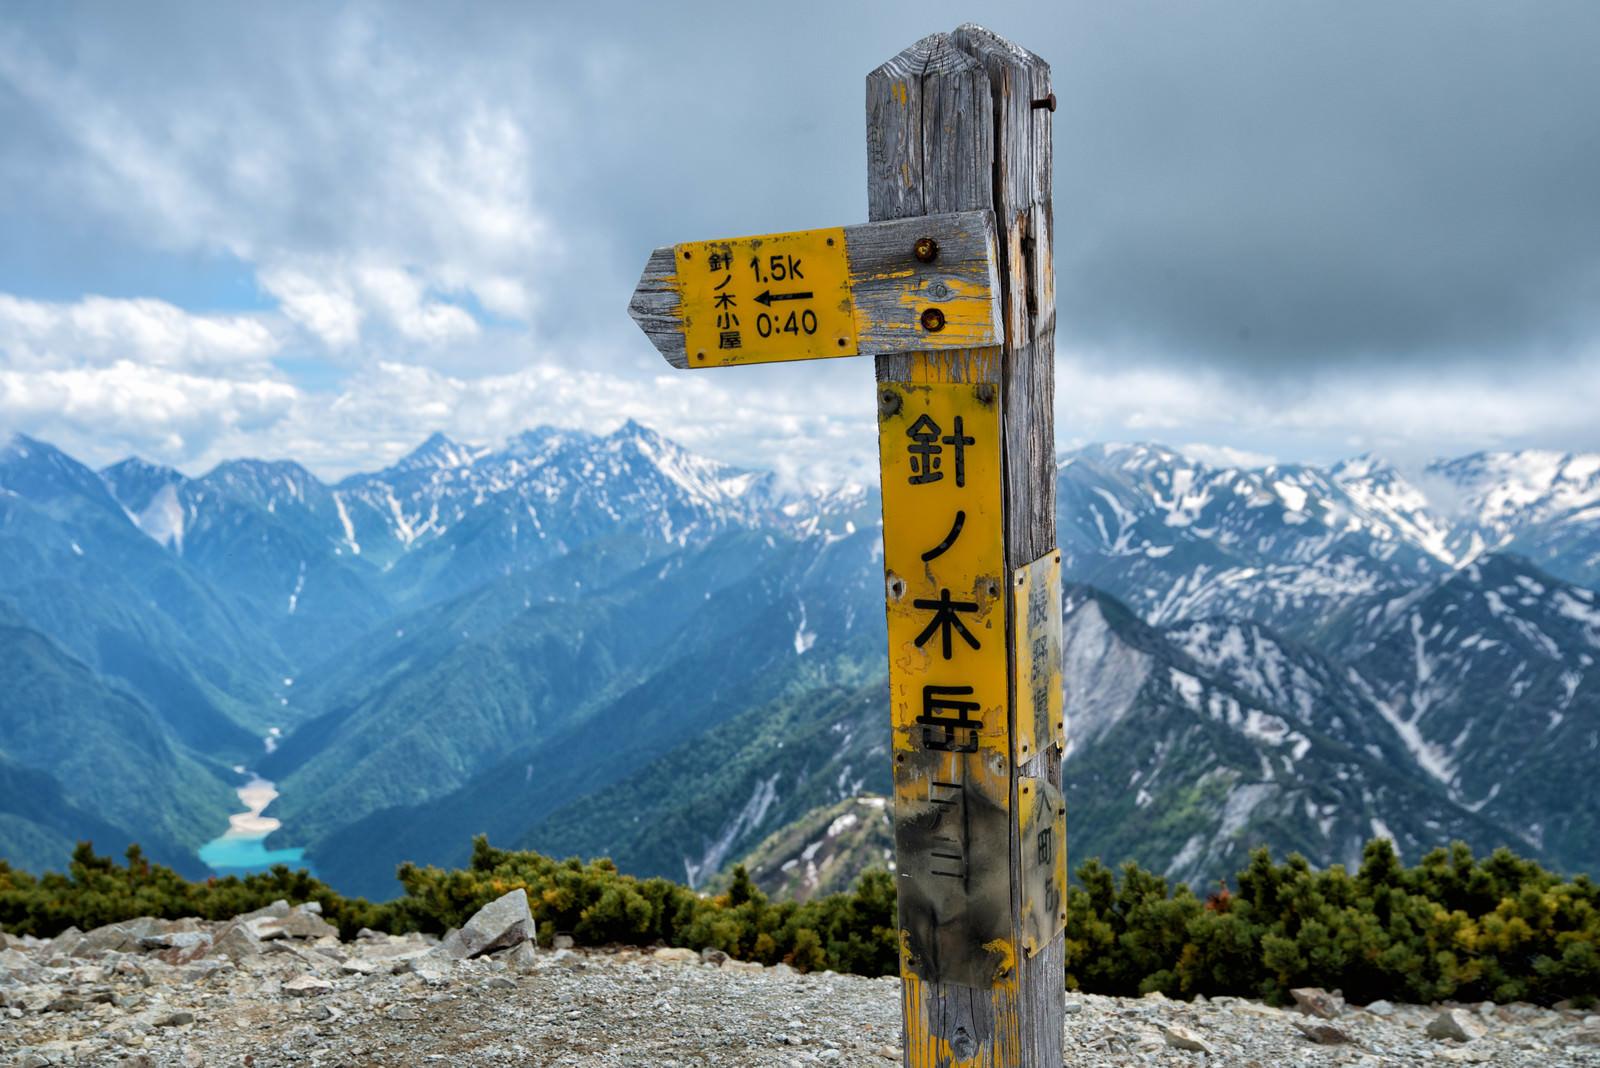 「針ノ木岳山頂にある山頂標(北アルプス)」の写真